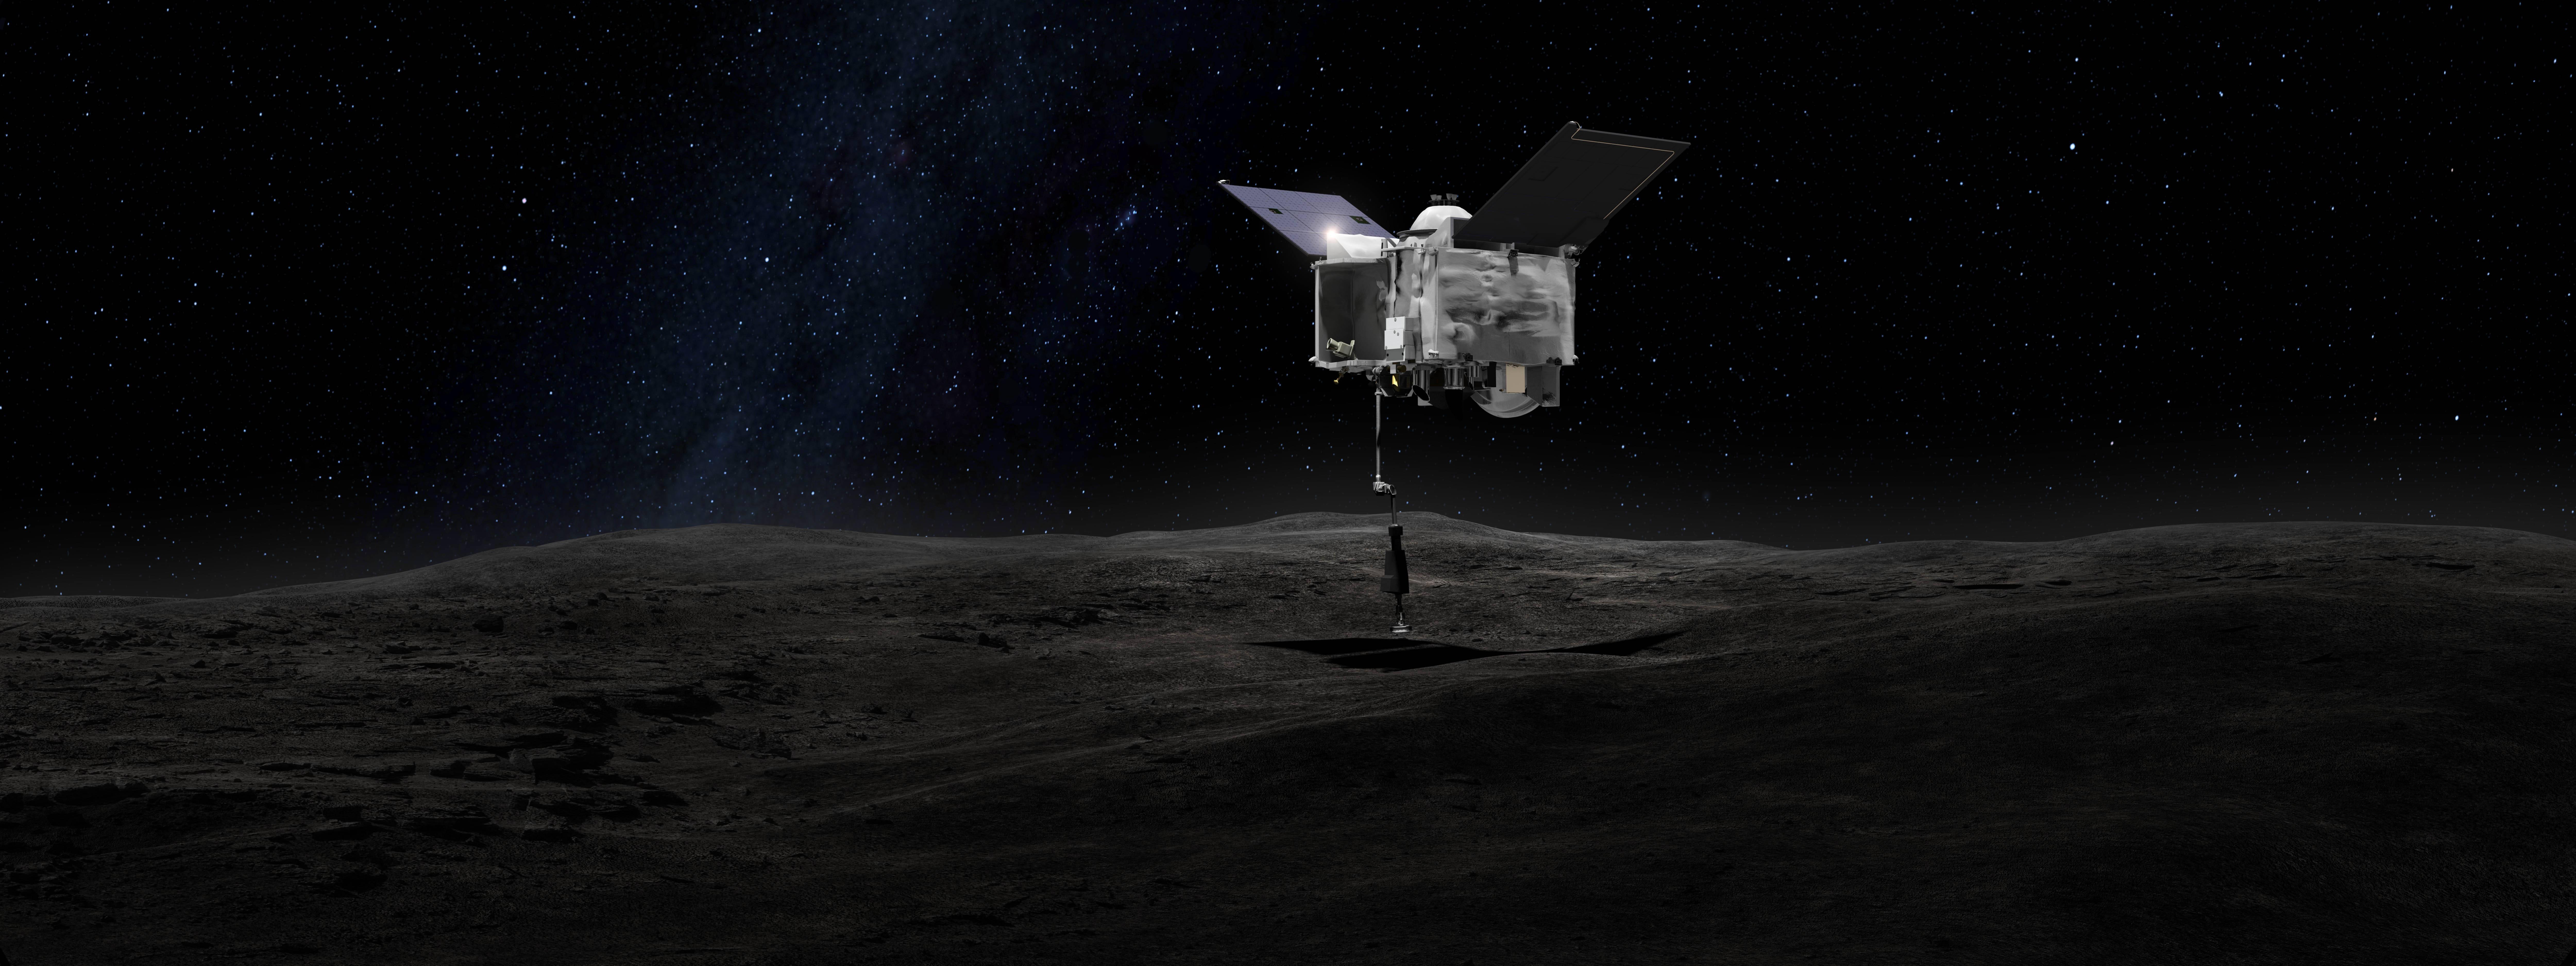 Asteroide potencialmente peligroso para la Tierra ya fue alcanzado por la sonda OSIRIS-Rex de la NASA